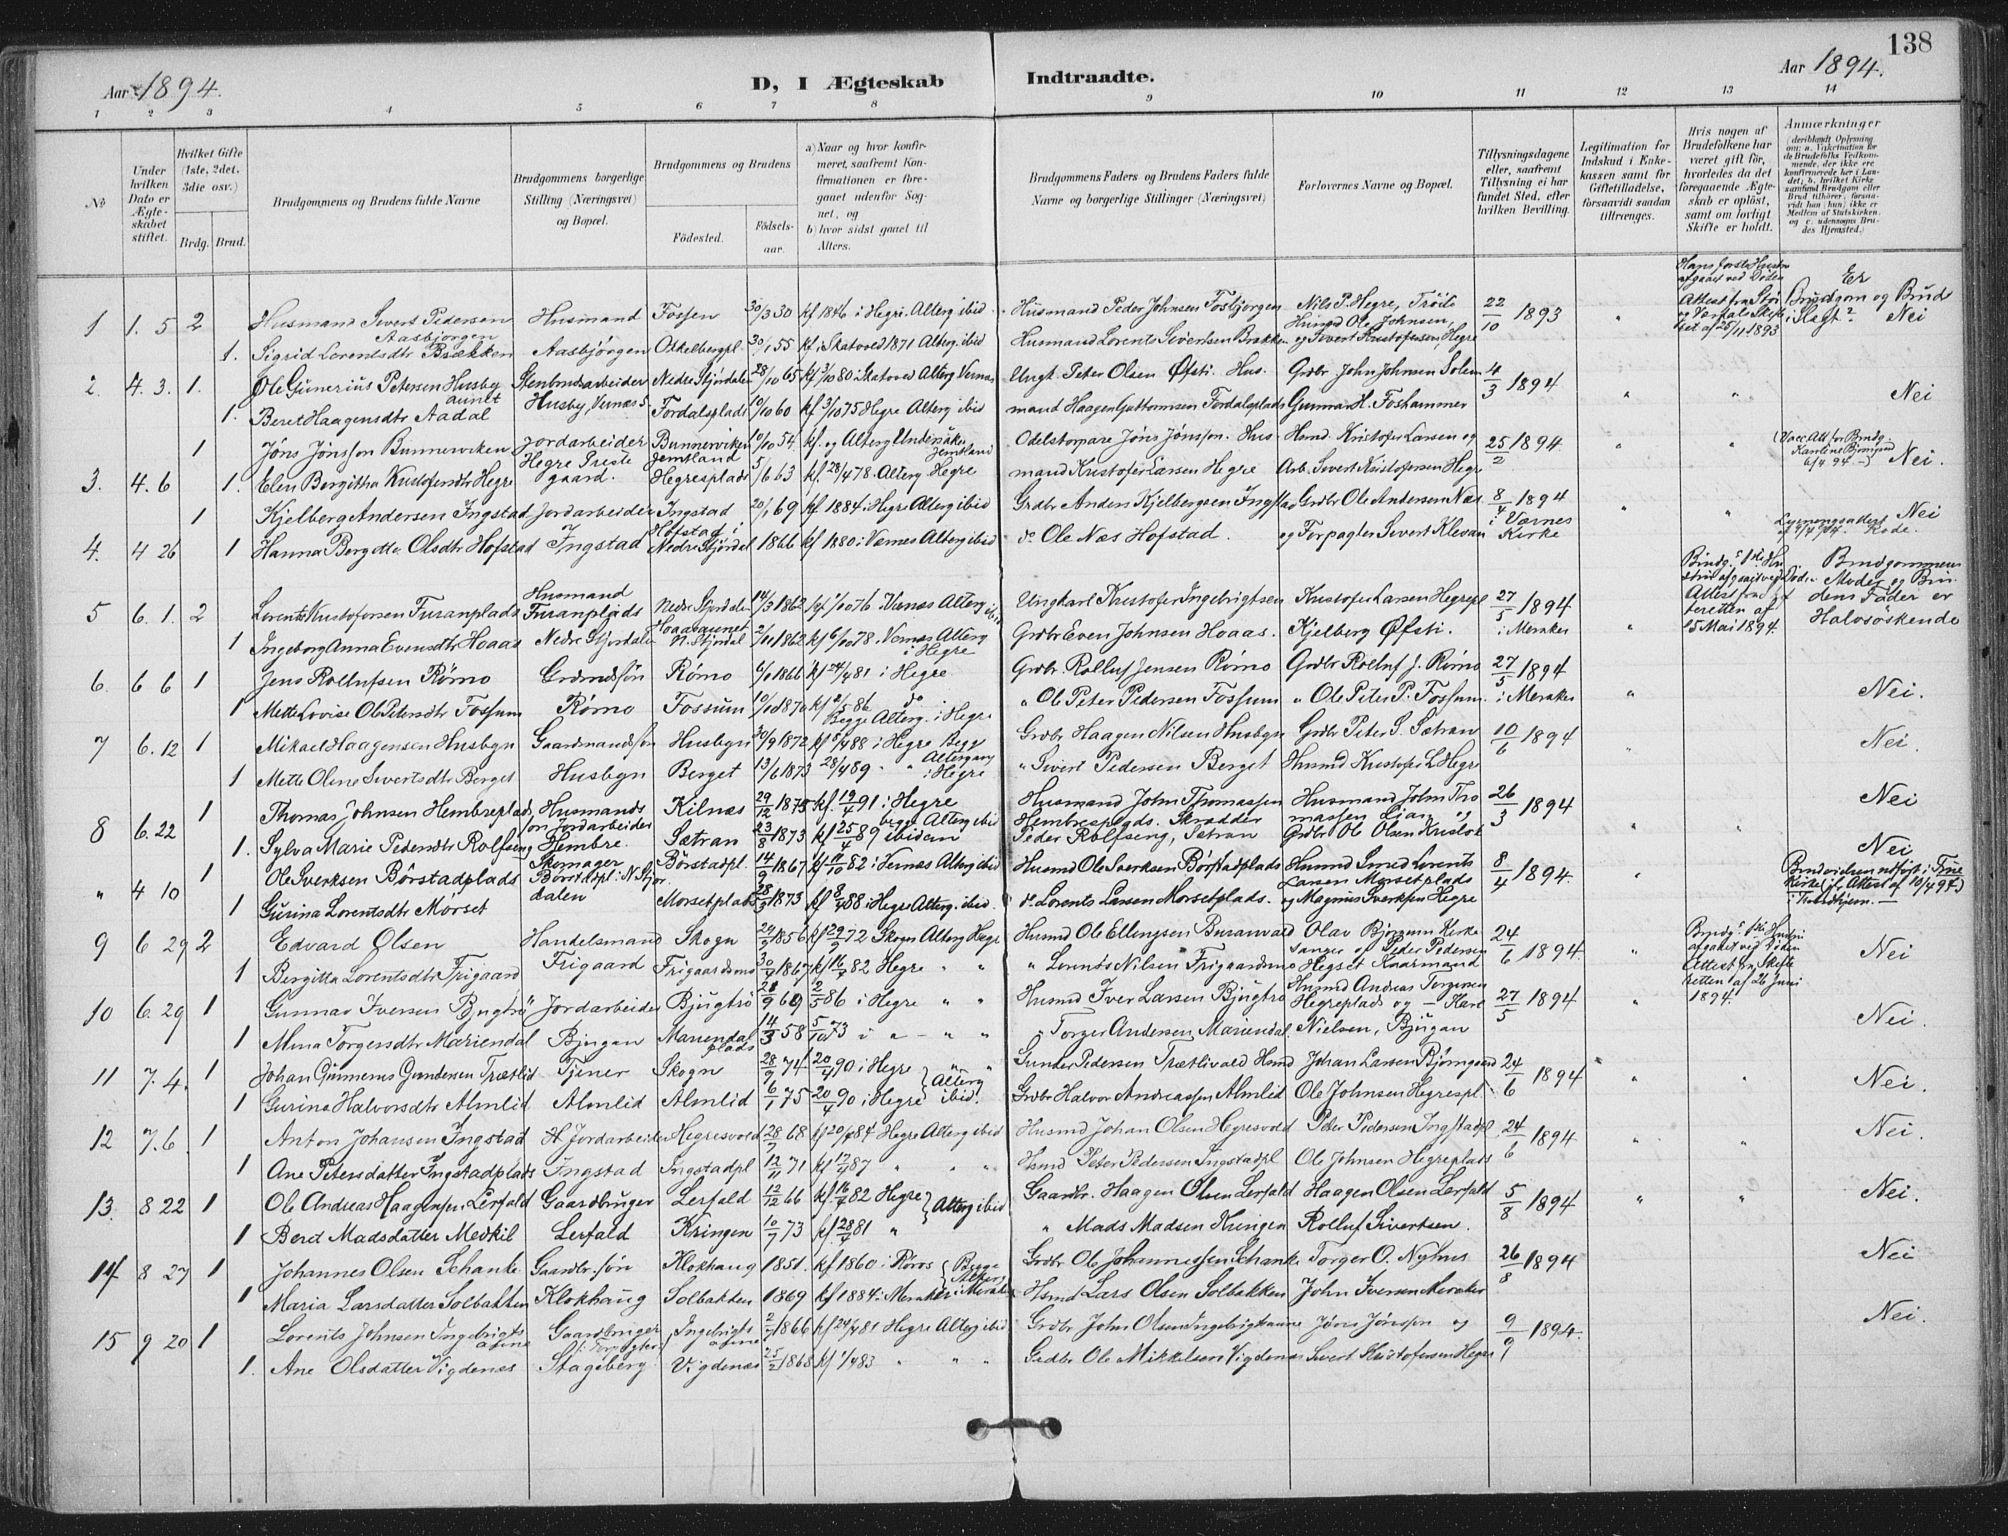 SAT, Ministerialprotokoller, klokkerbøker og fødselsregistre - Nord-Trøndelag, 703/L0031: Ministerialbok nr. 703A04, 1893-1914, s. 138